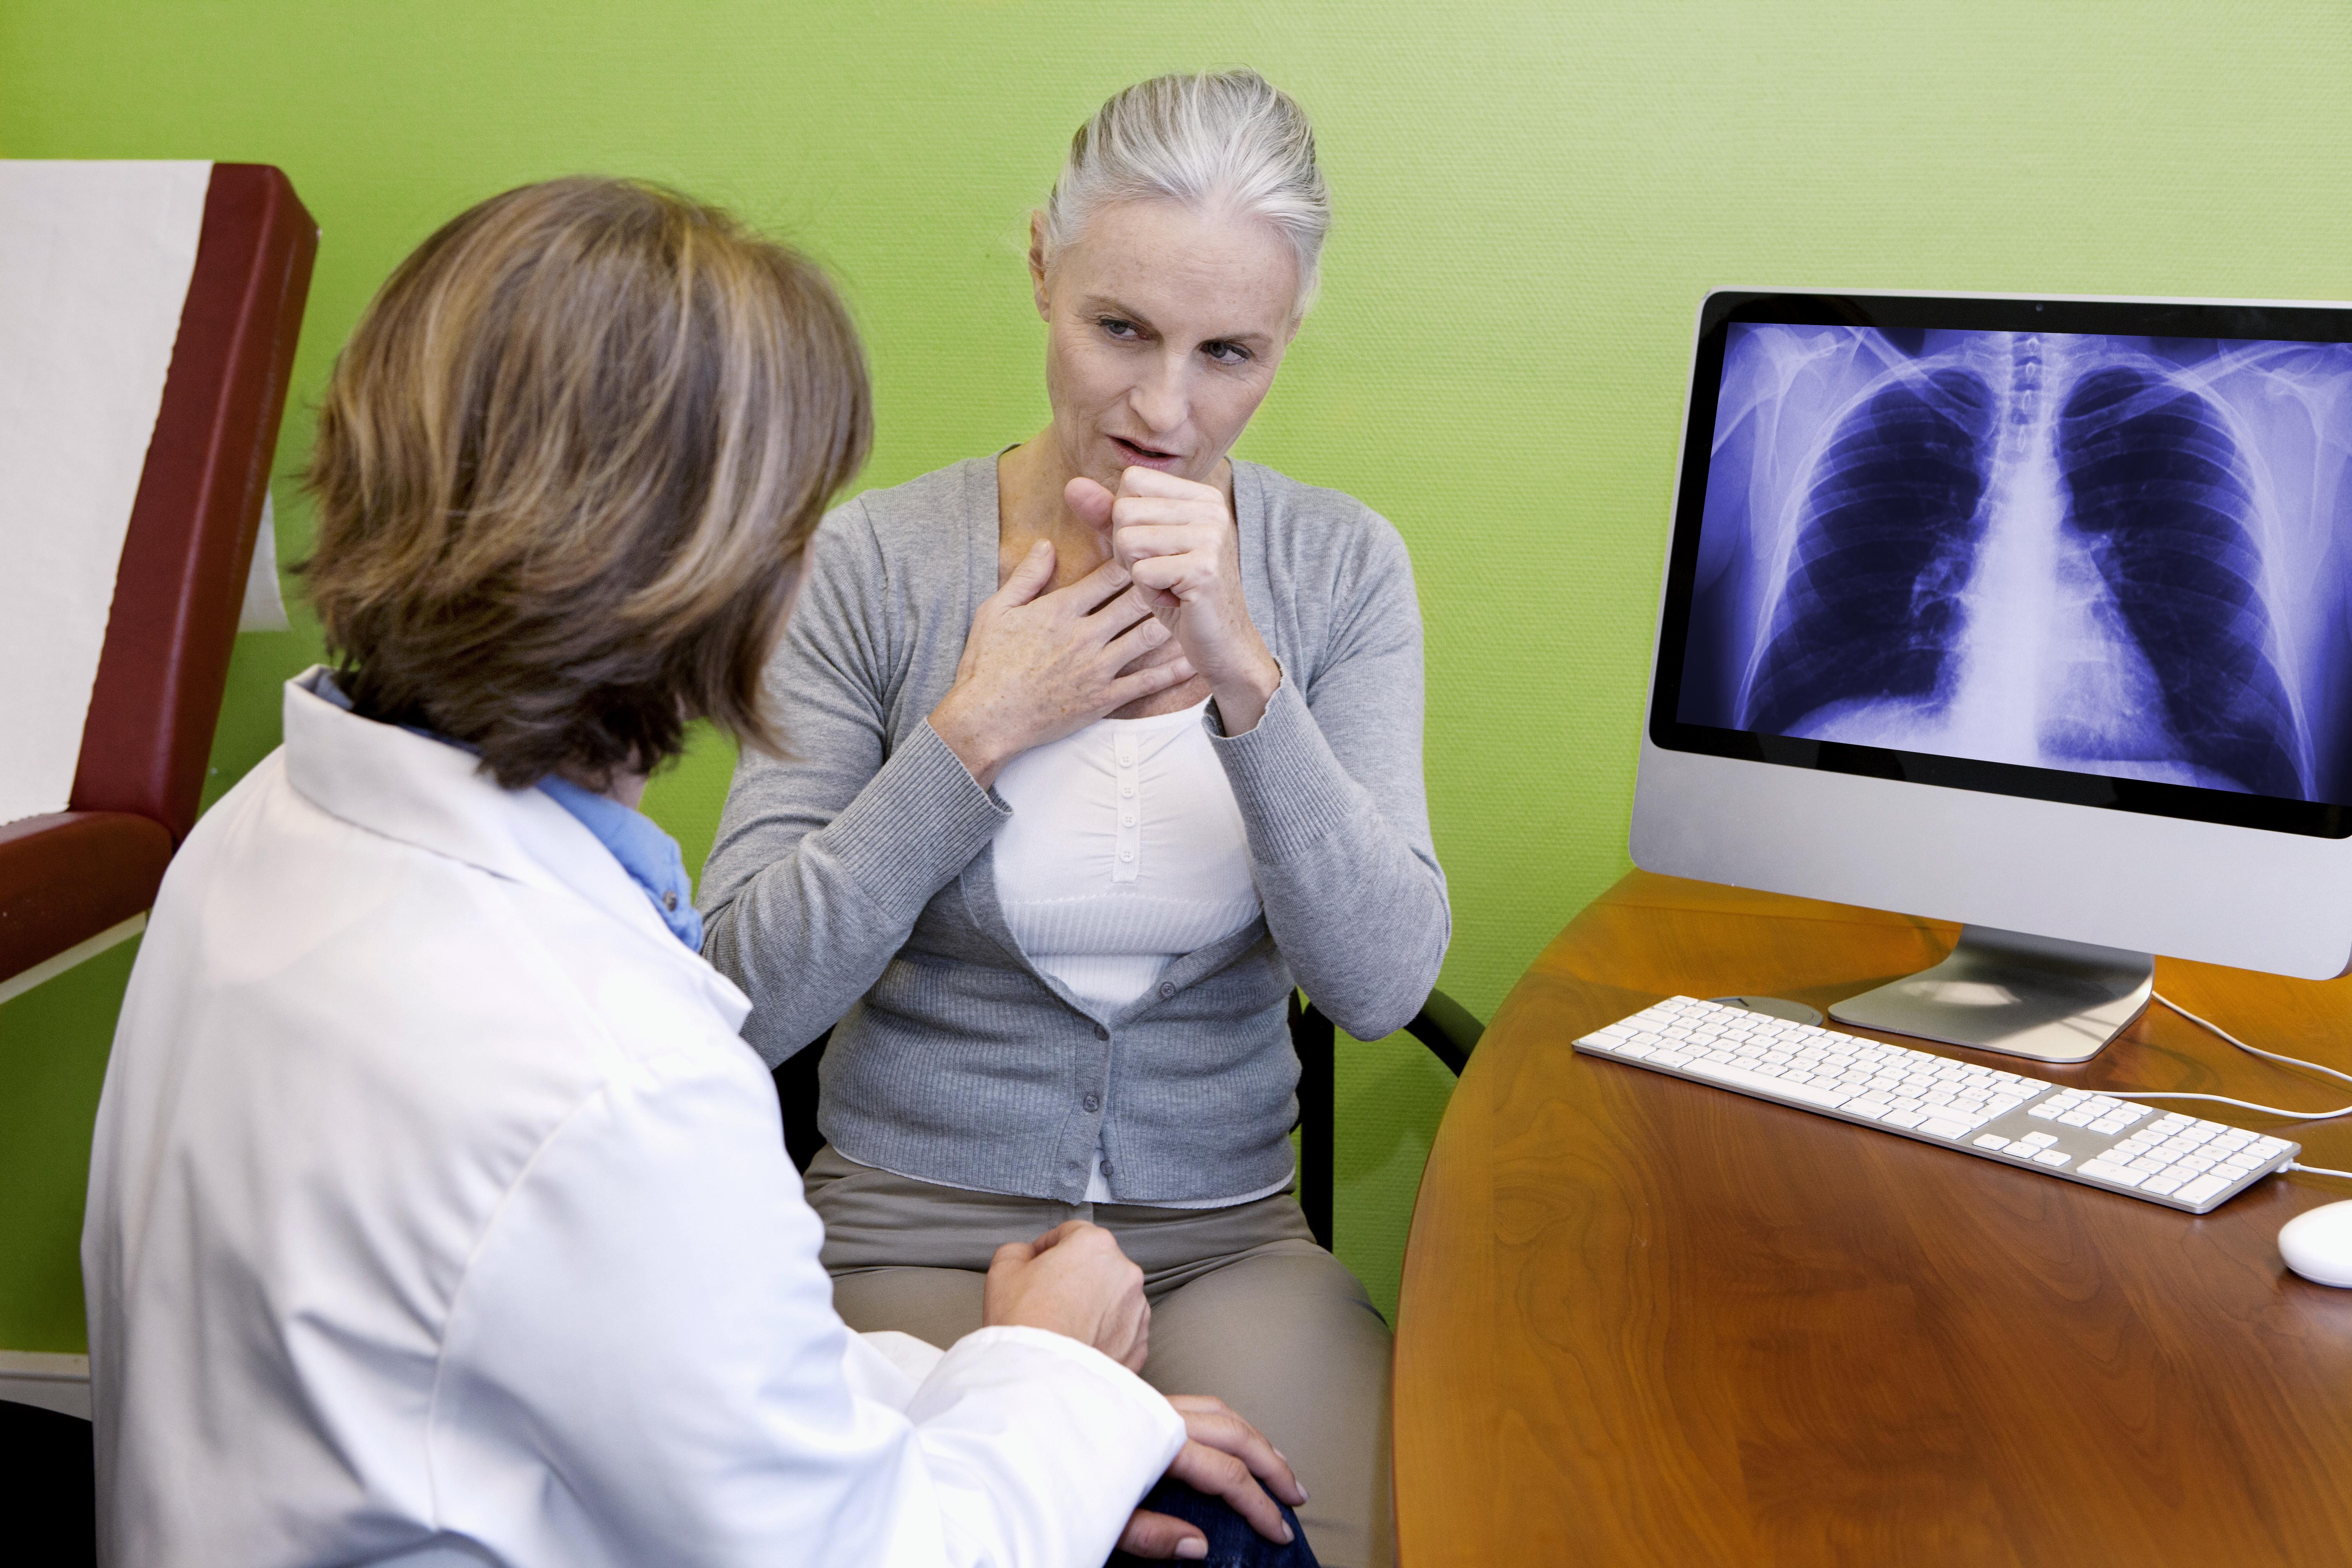 Den viktigaste nyheten i de nya riktlinjerna är enligt lungläkare Bengt Bergman introduktionen av målstyrd läkemedelsbehandling.